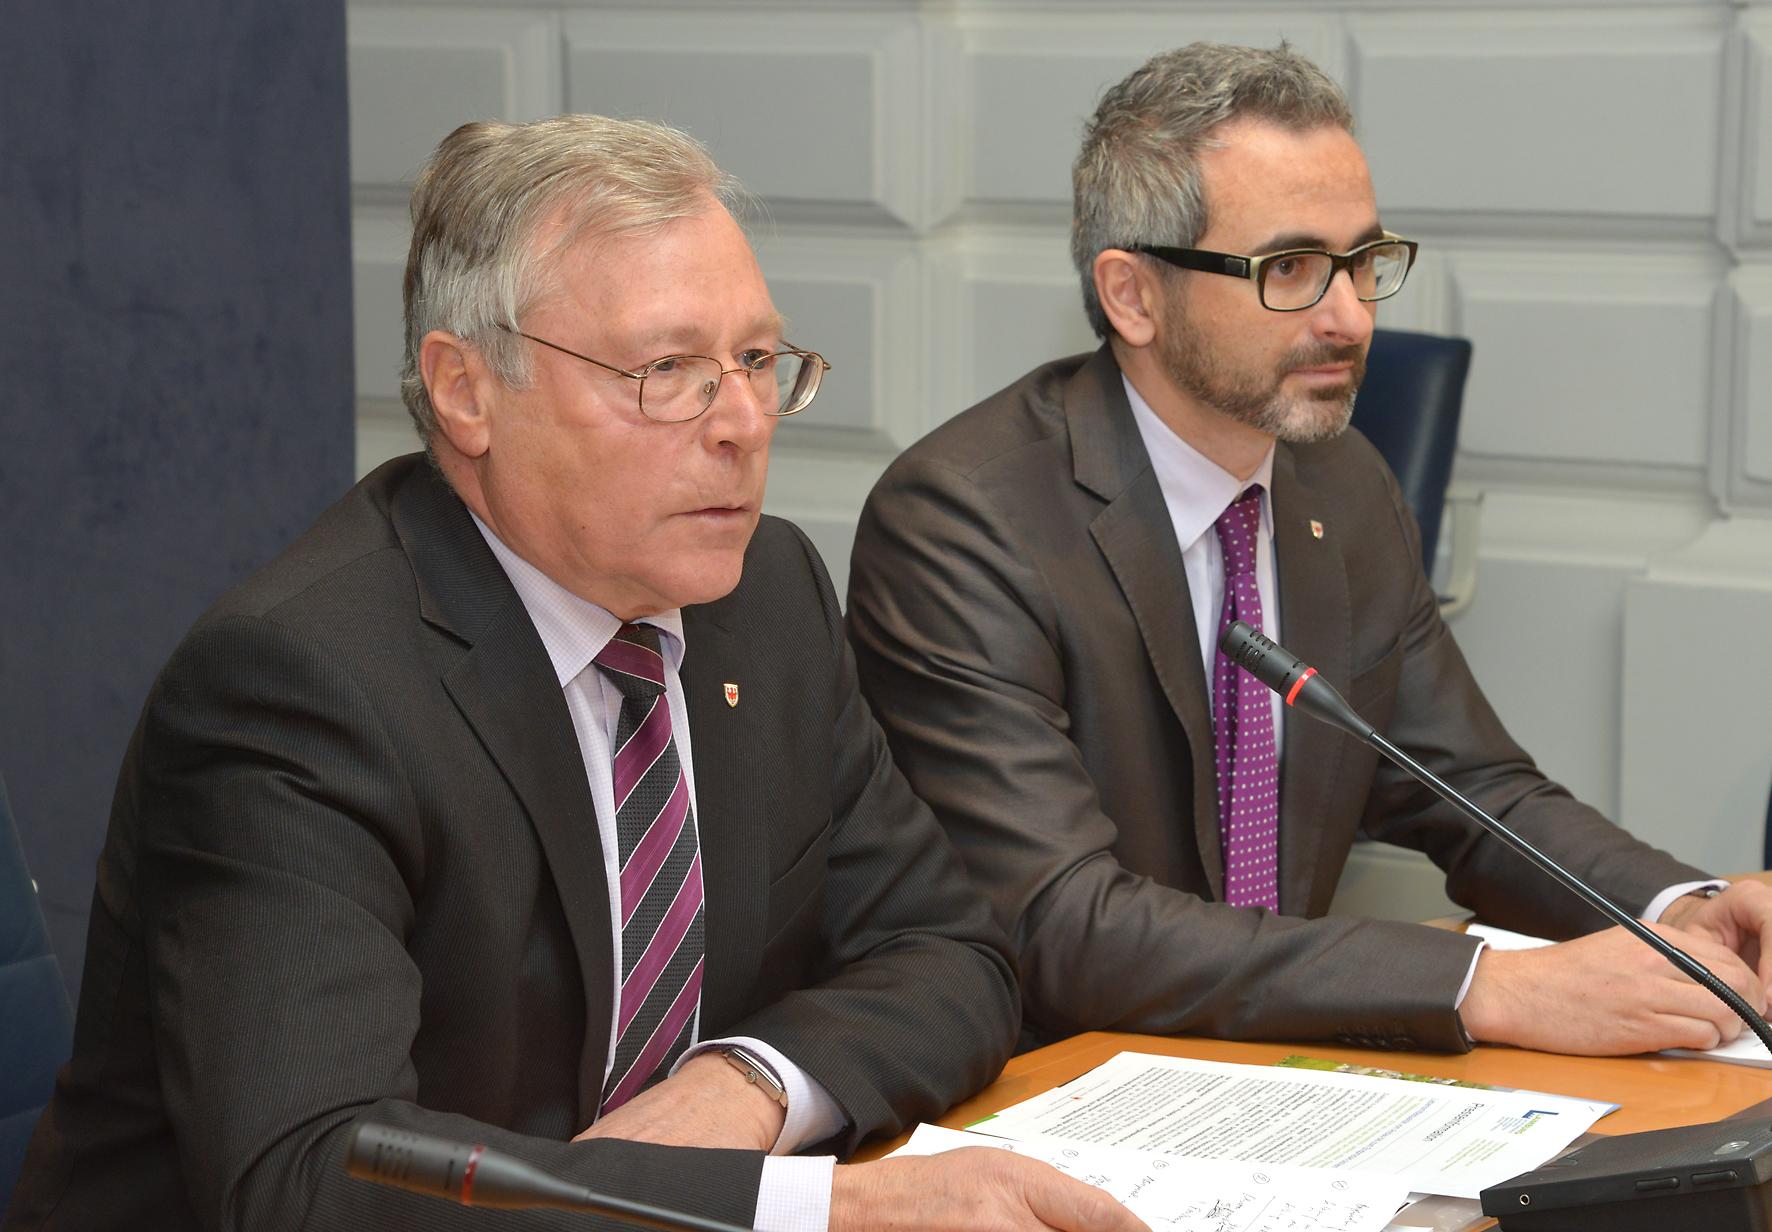 Il-Direttore-di-Dipartimento-Heinrich-Holzer-e-Michael-Oberhuber-Direttore-del-Centro-Sperimentale-Laimburg